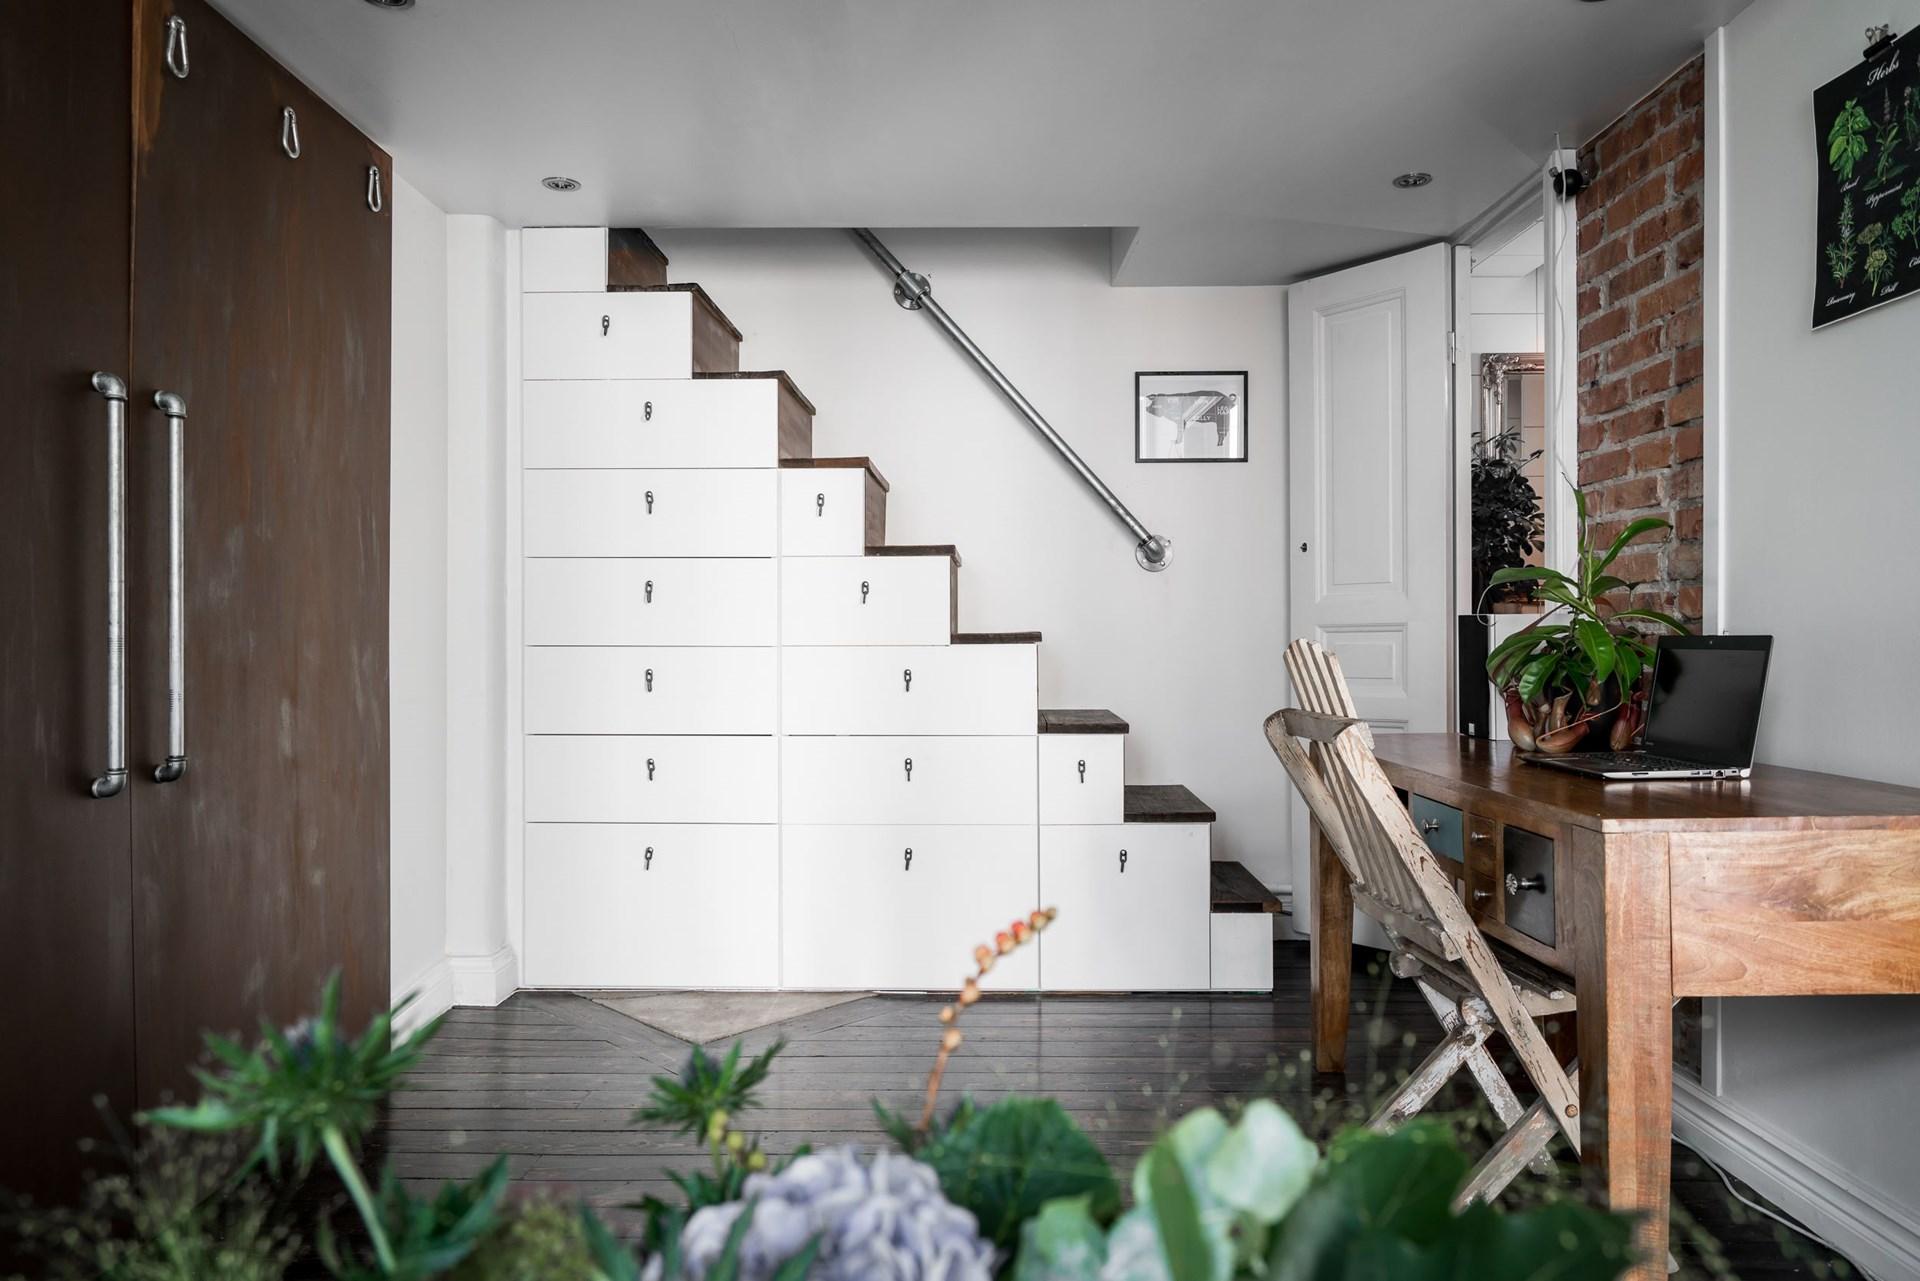 антресоли лестница ящики рабочий стол шкаф деревянный темный пол